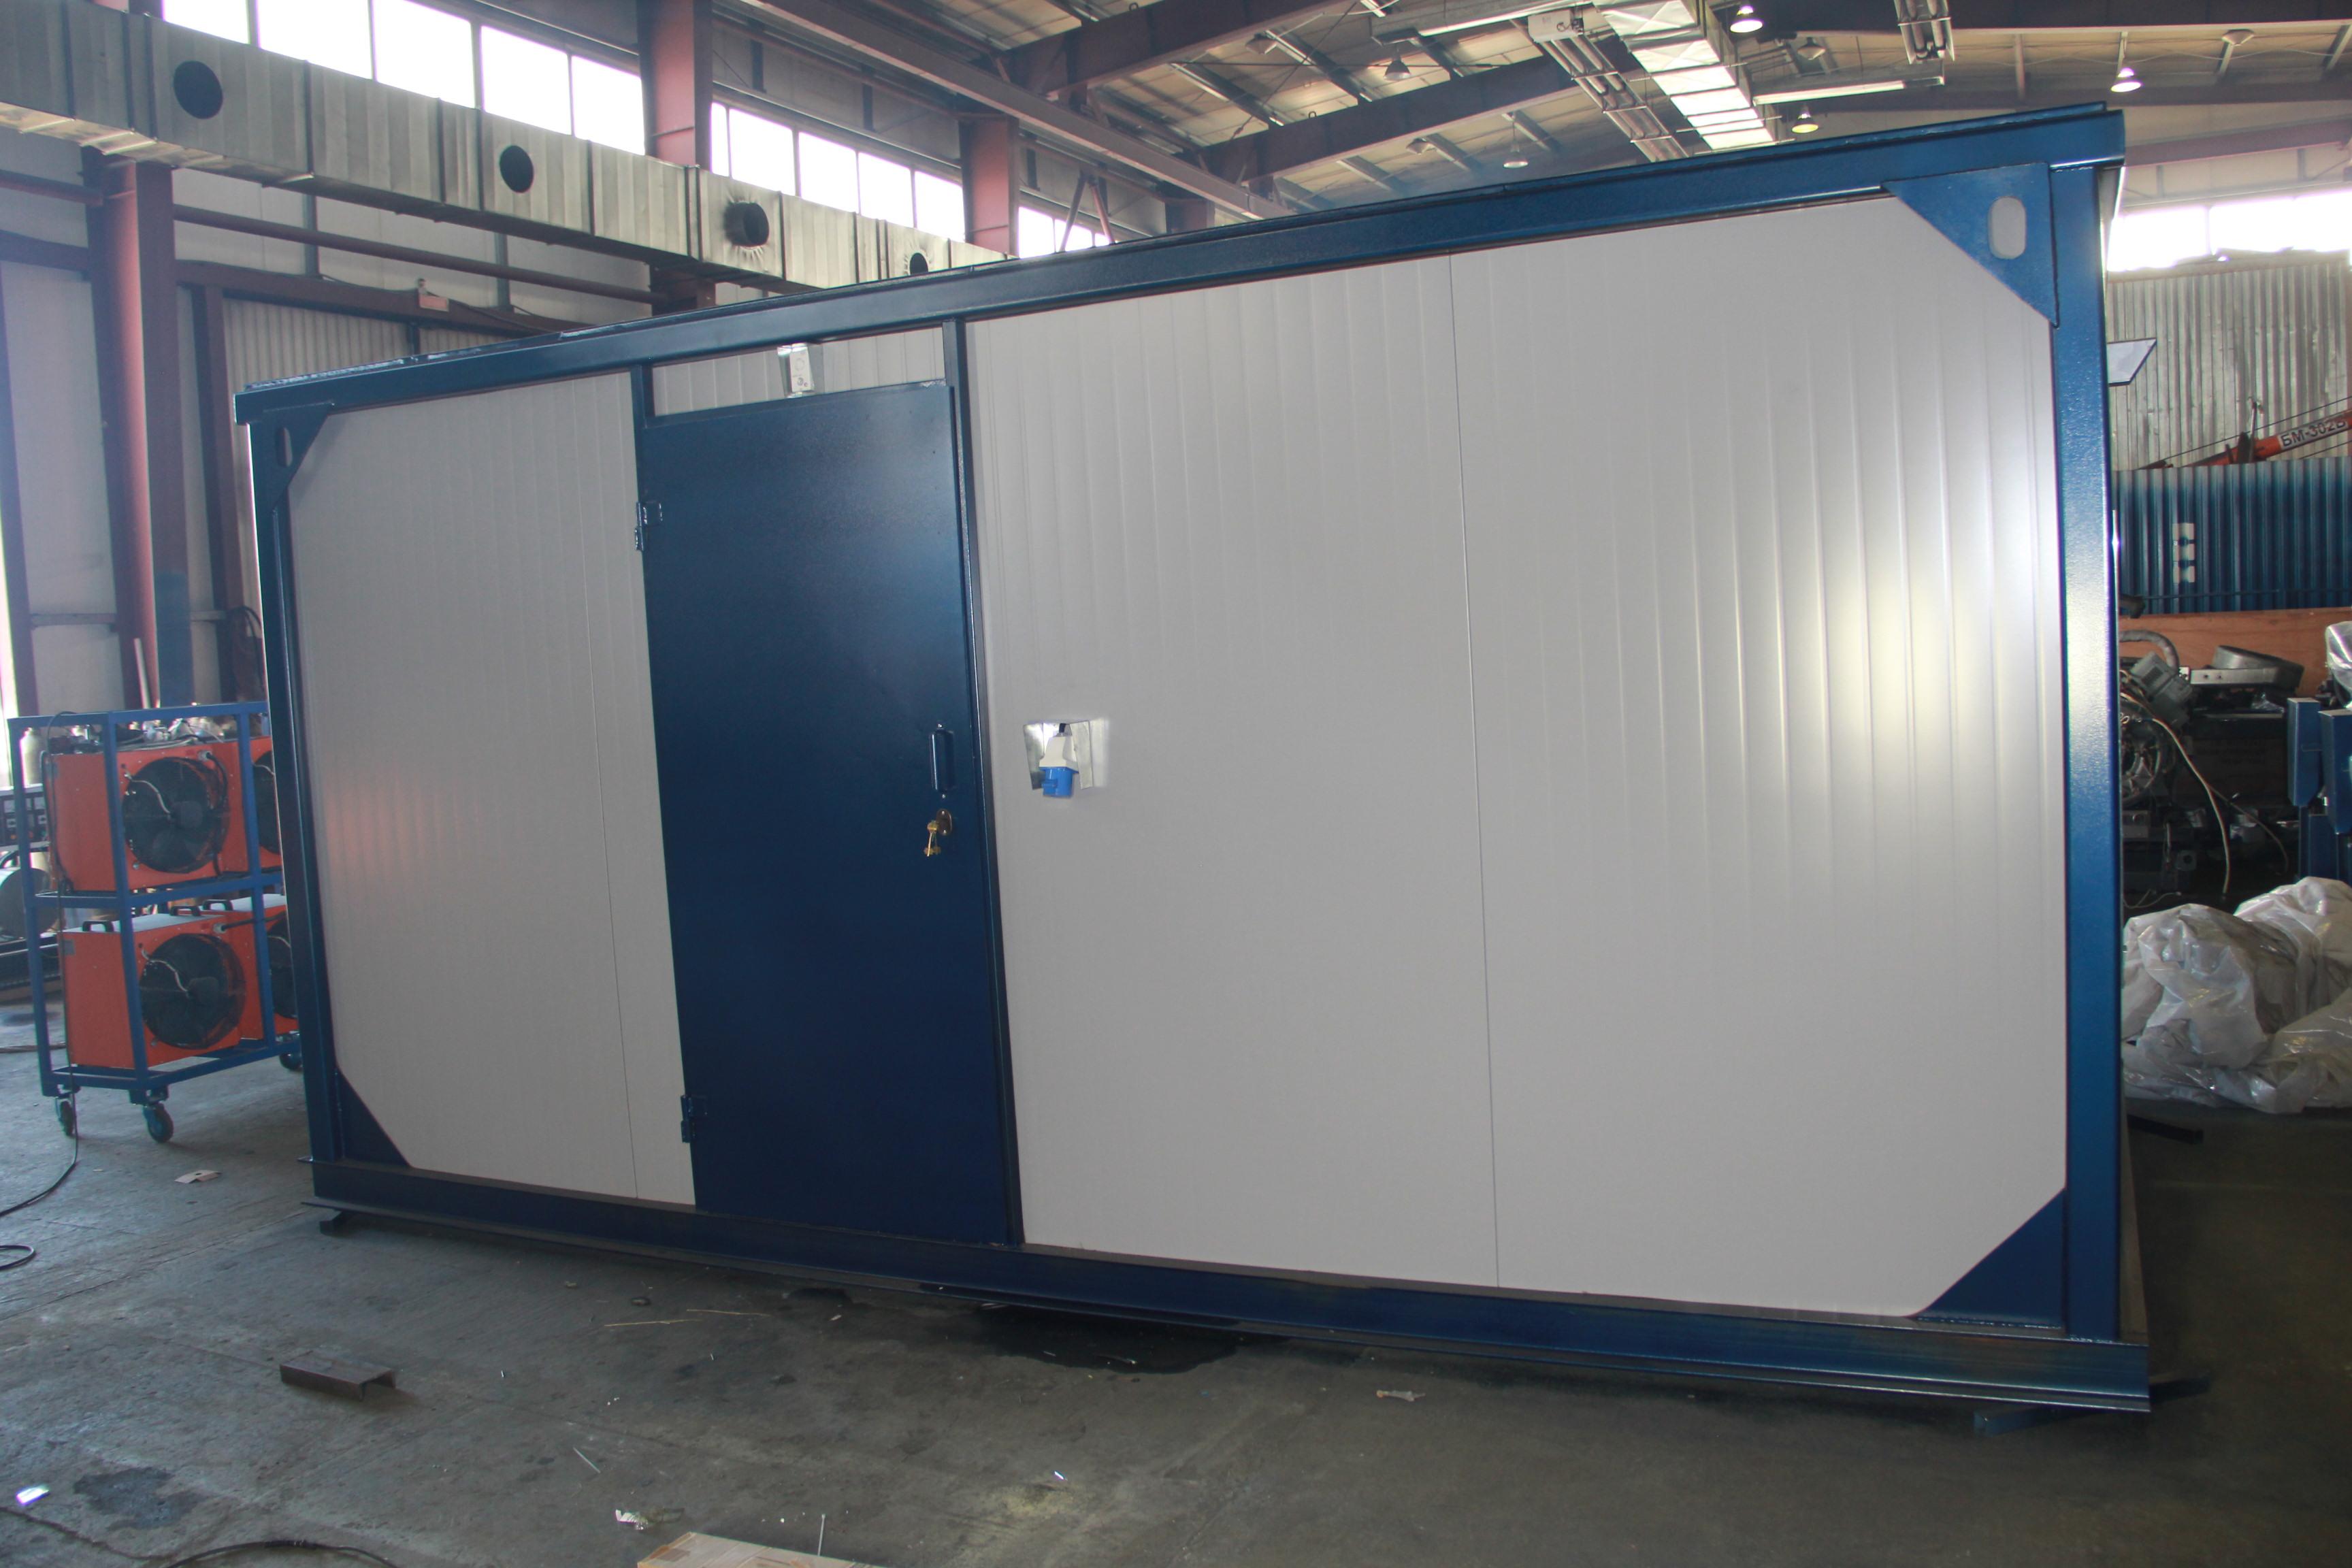 Внешний вид IVECO АД-280С-Т400-1РНИ в контейнере